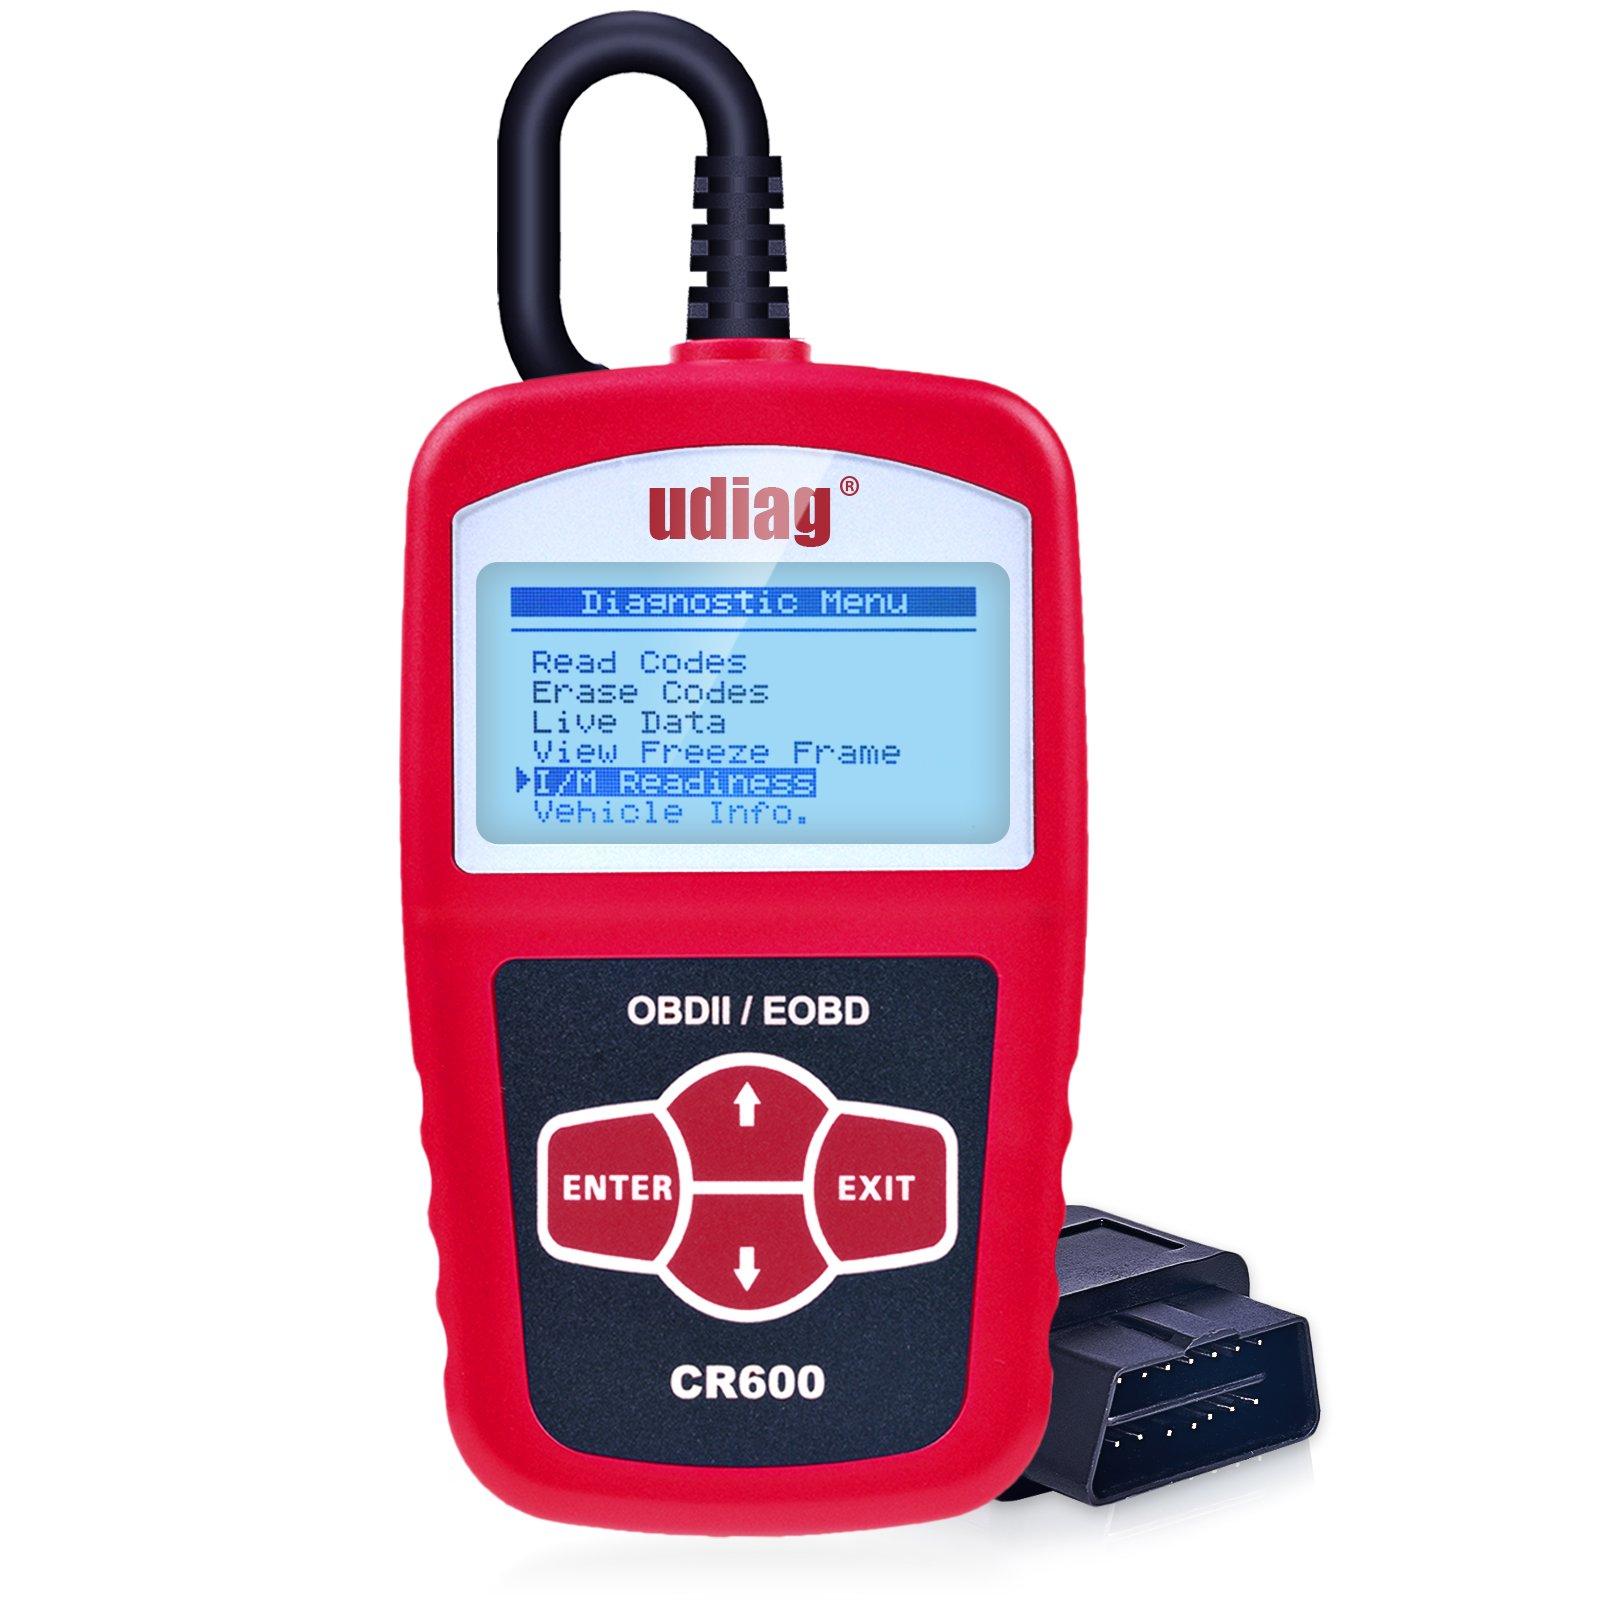 udiag OBD2 Scanner OBD Car Diagnostic Tool Obdii Scanners CR600 Universal Cars Code Reader Scan Directly Check Engine Light MIL Error Meaning Read Erase Fault Codes Identify Vehicle I/M VIN CID CVN